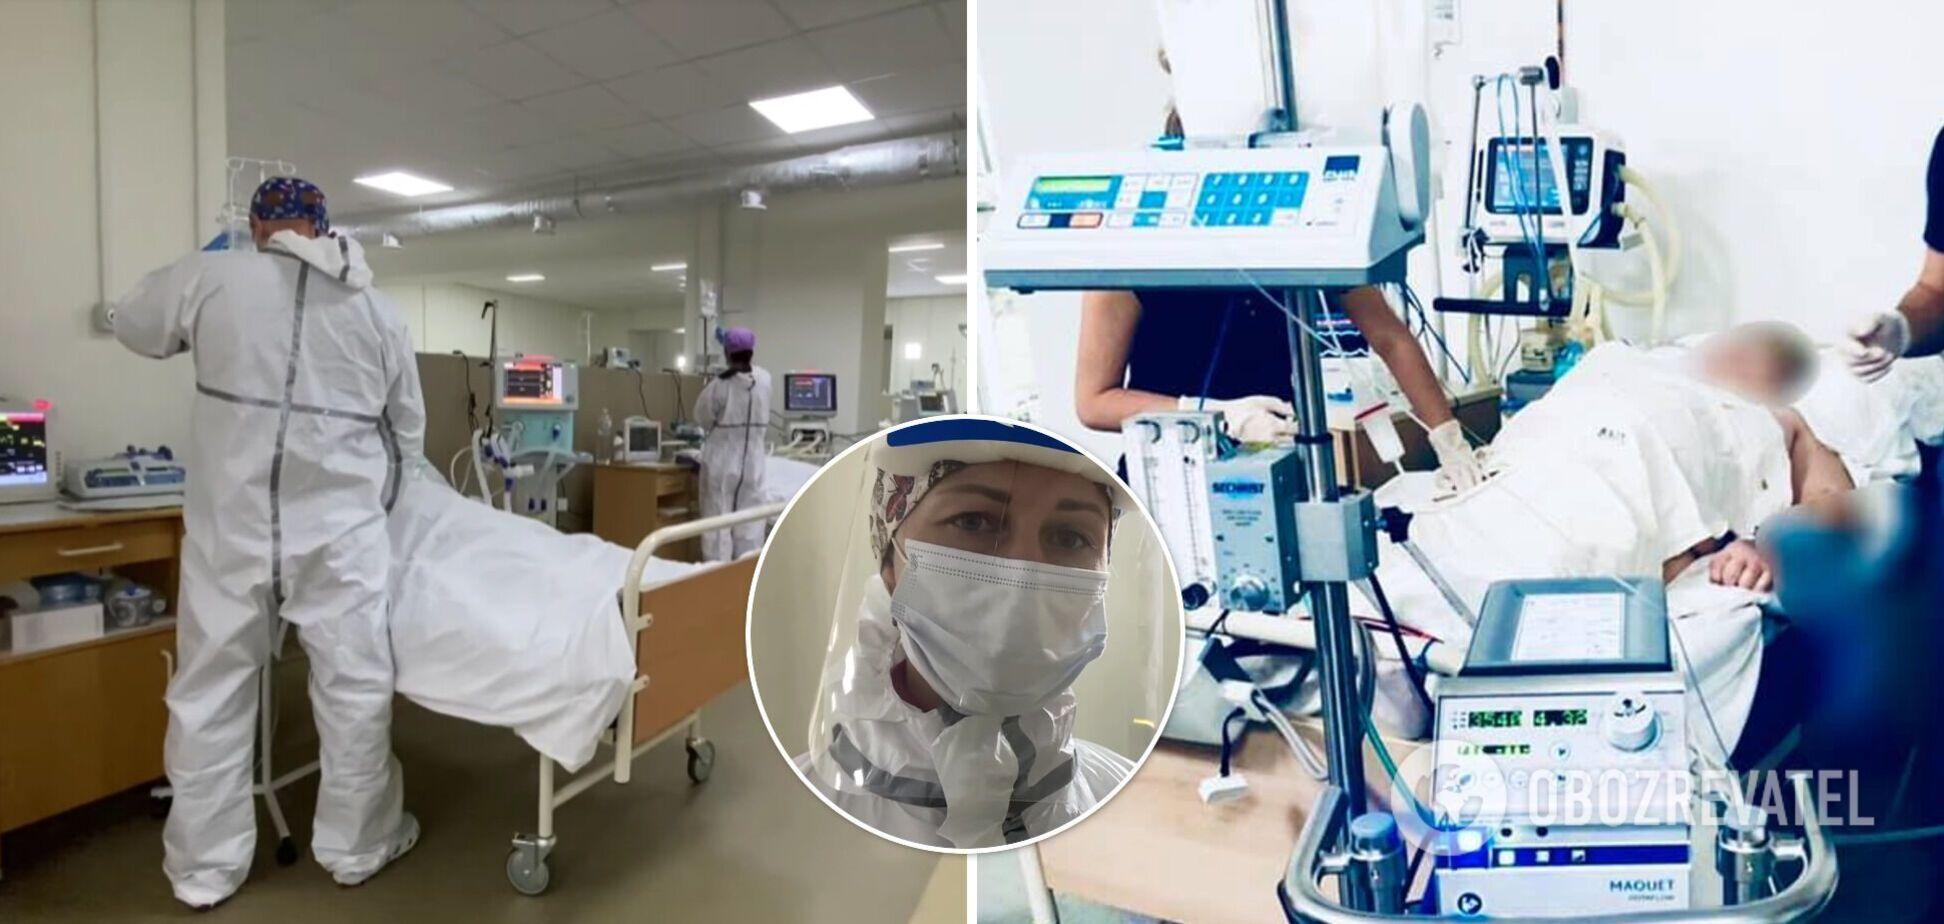 Львовские медики спасают мать троих маленьких детей: ее семья отказалась вакцинироваться от COVID-19. Фото